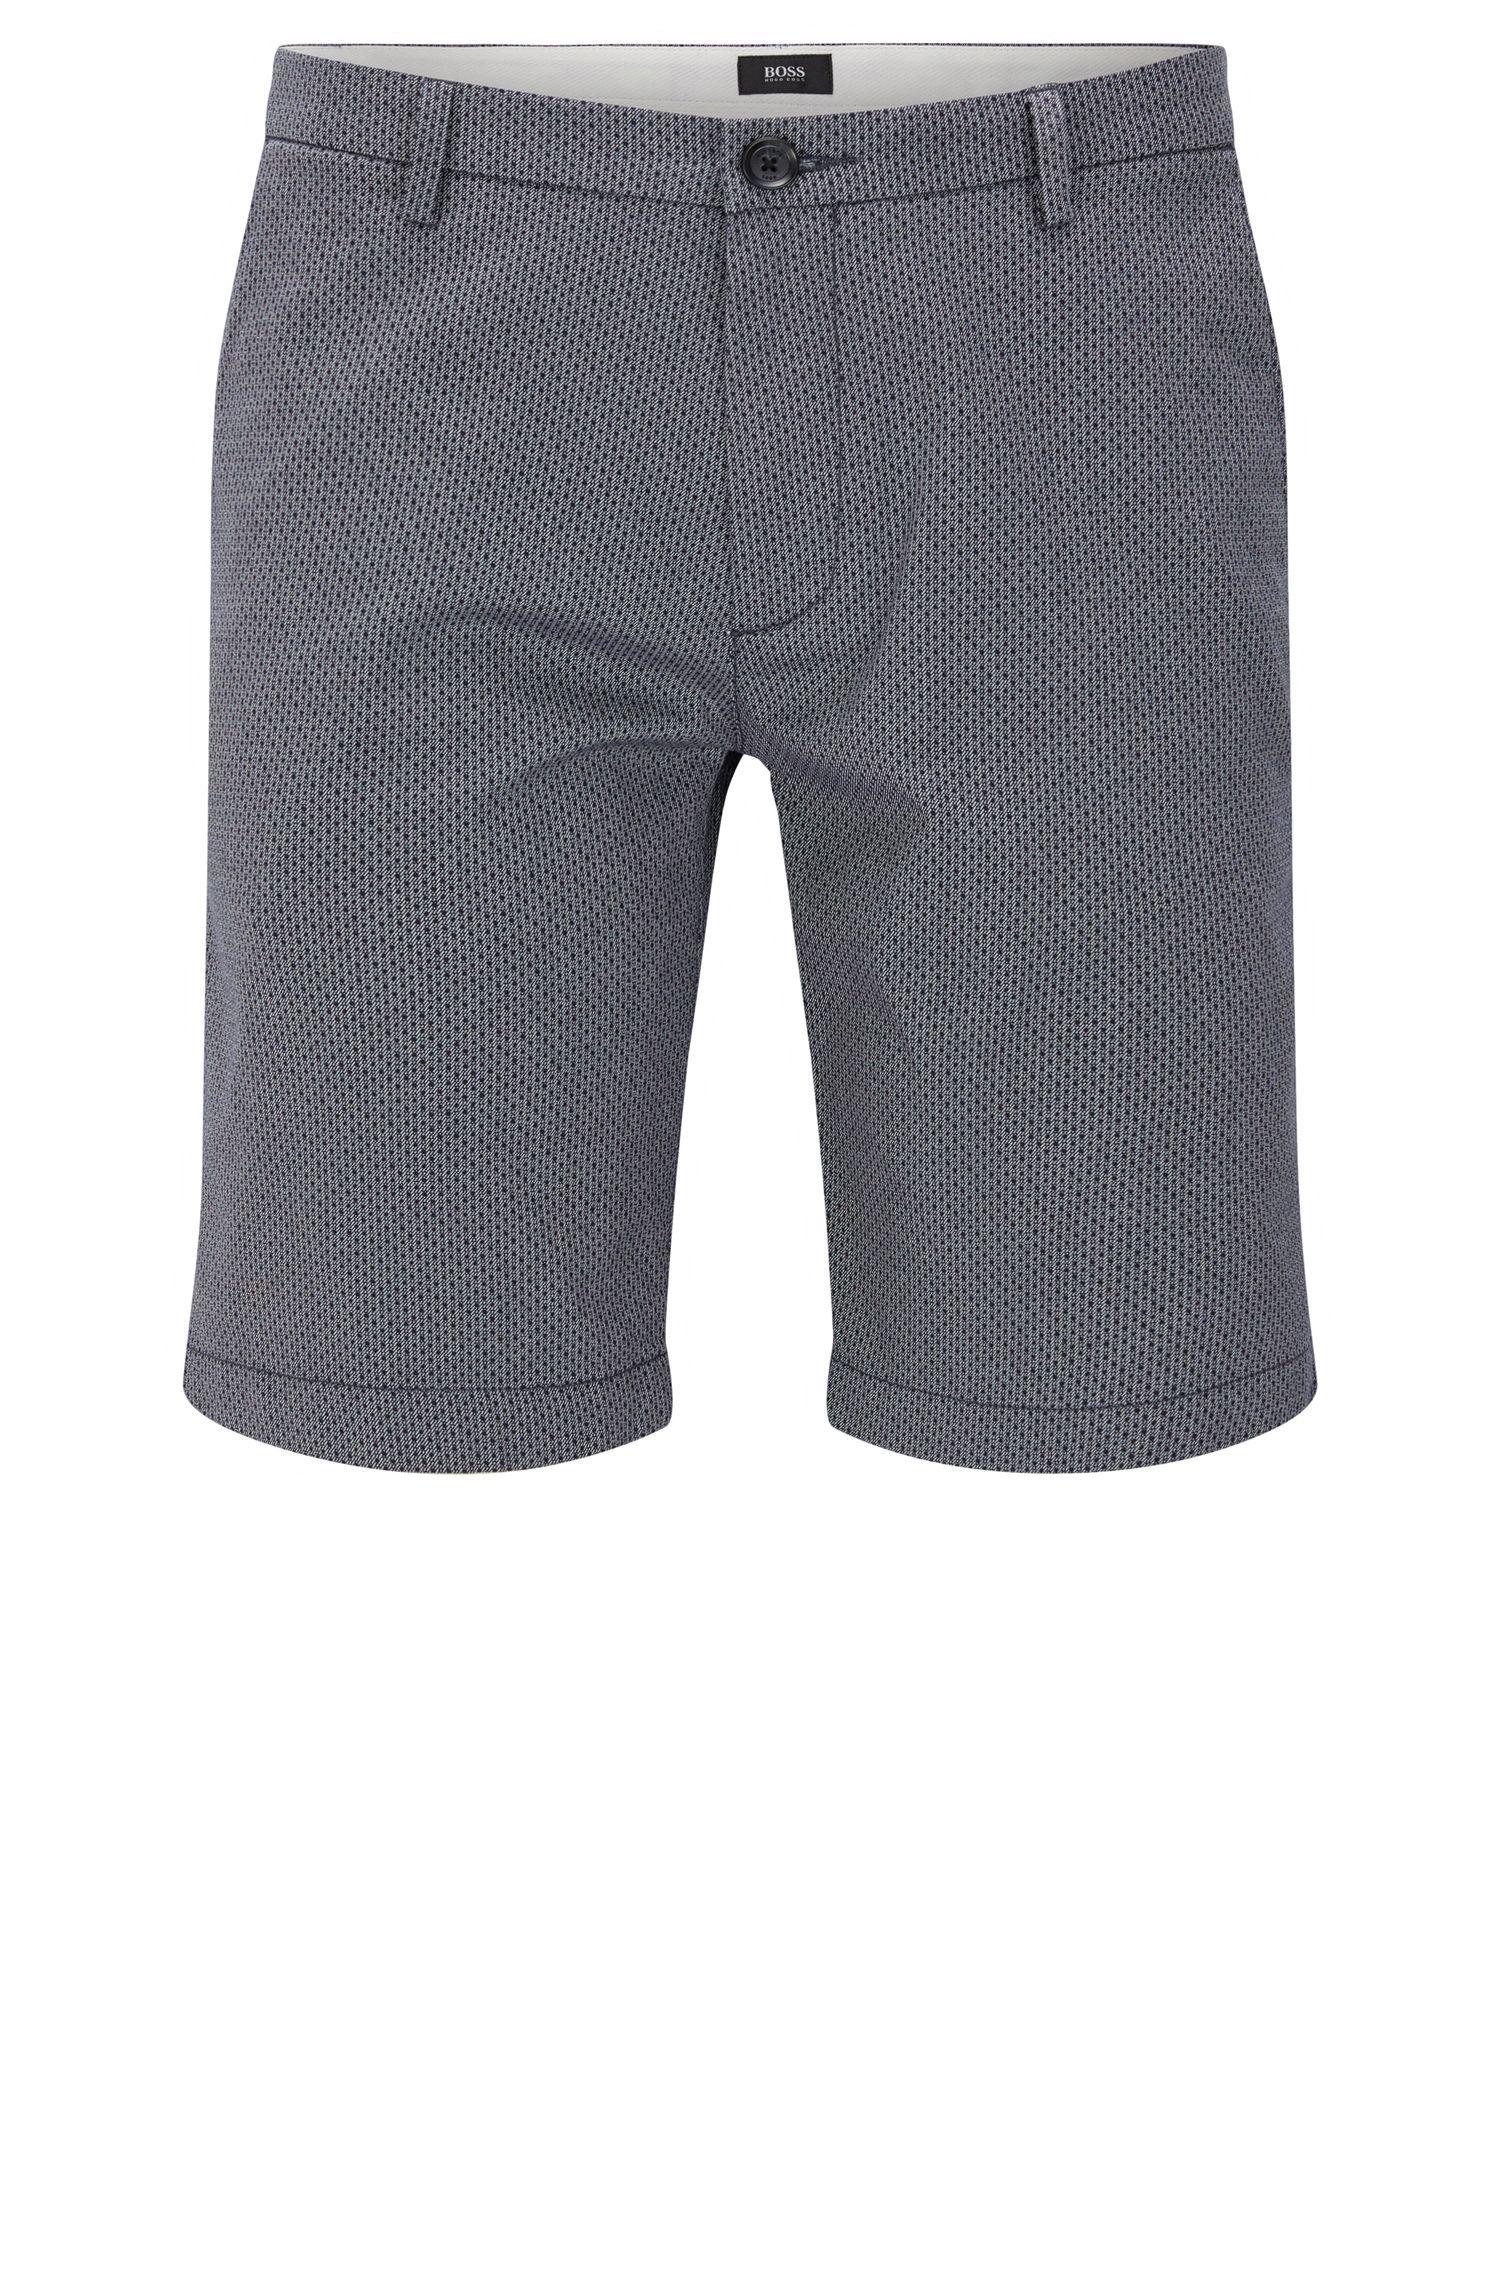 Pantaloncini corti slim fit a disegni in cotone elasticizzato: 'RiceShort3-D'